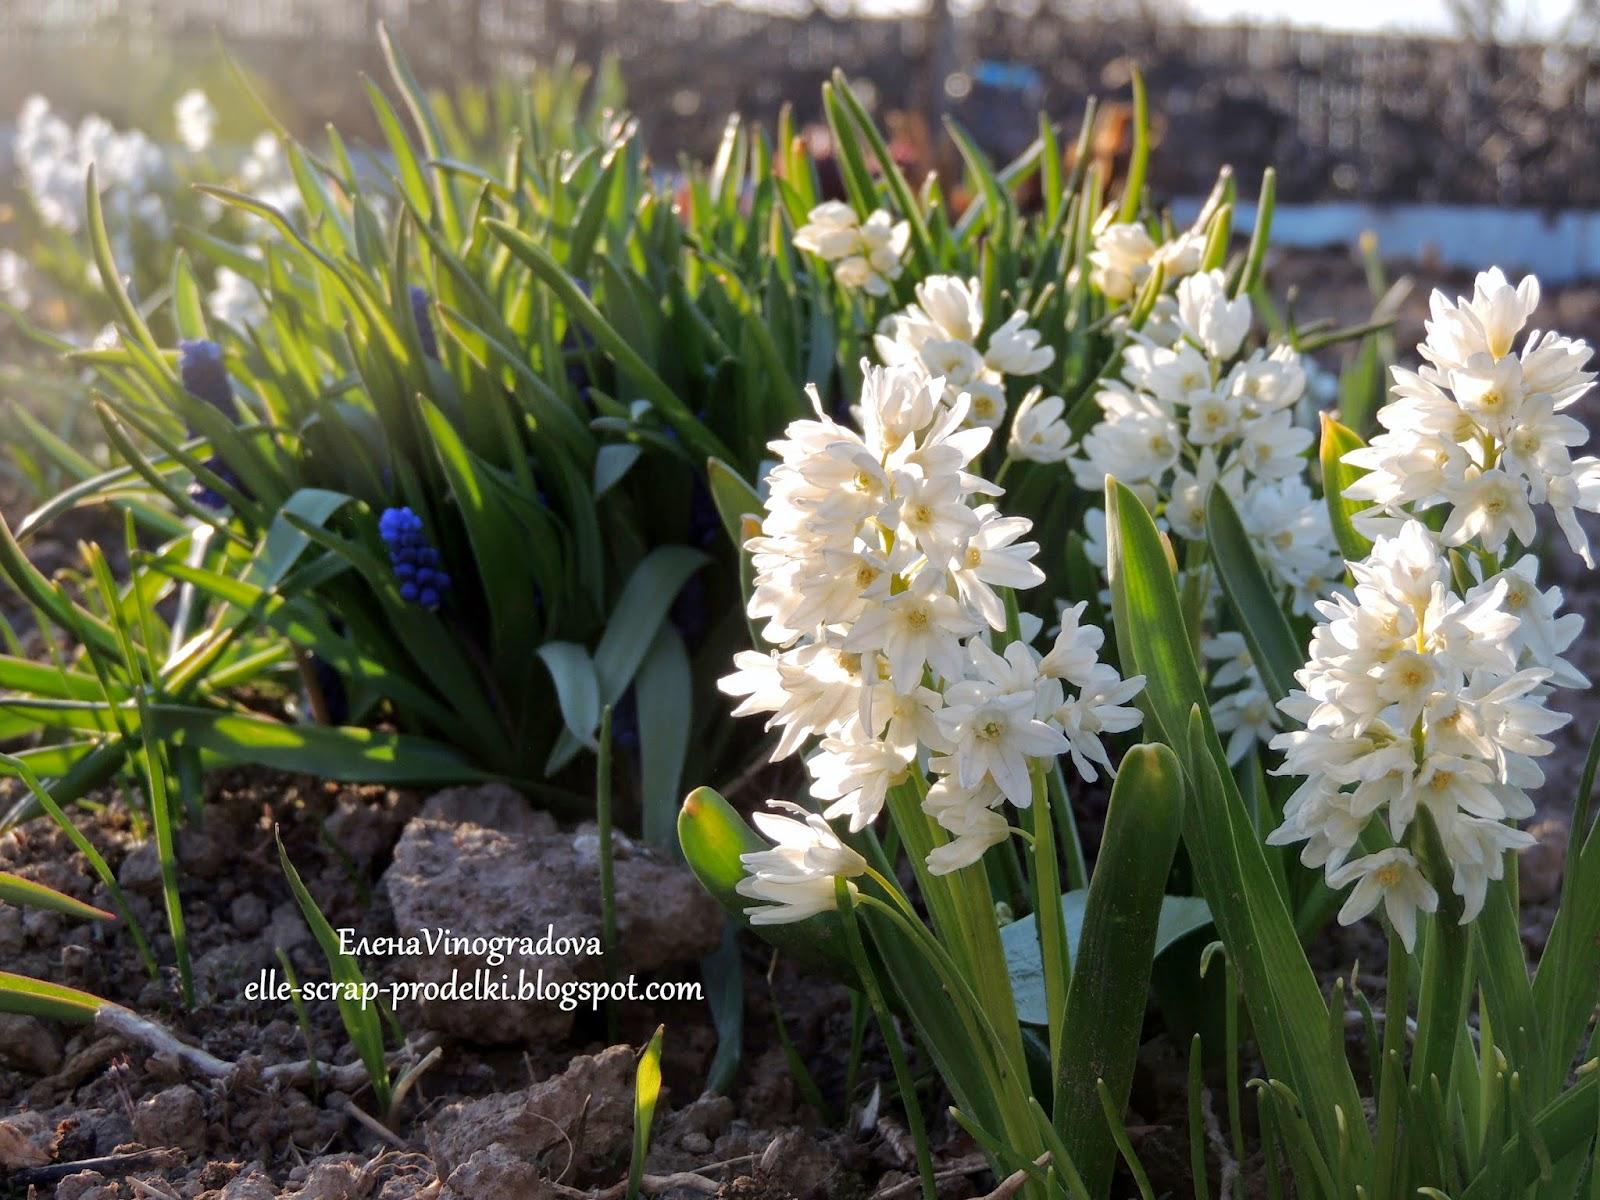 ЕленаVinogradova. Цветы нашего сада #7